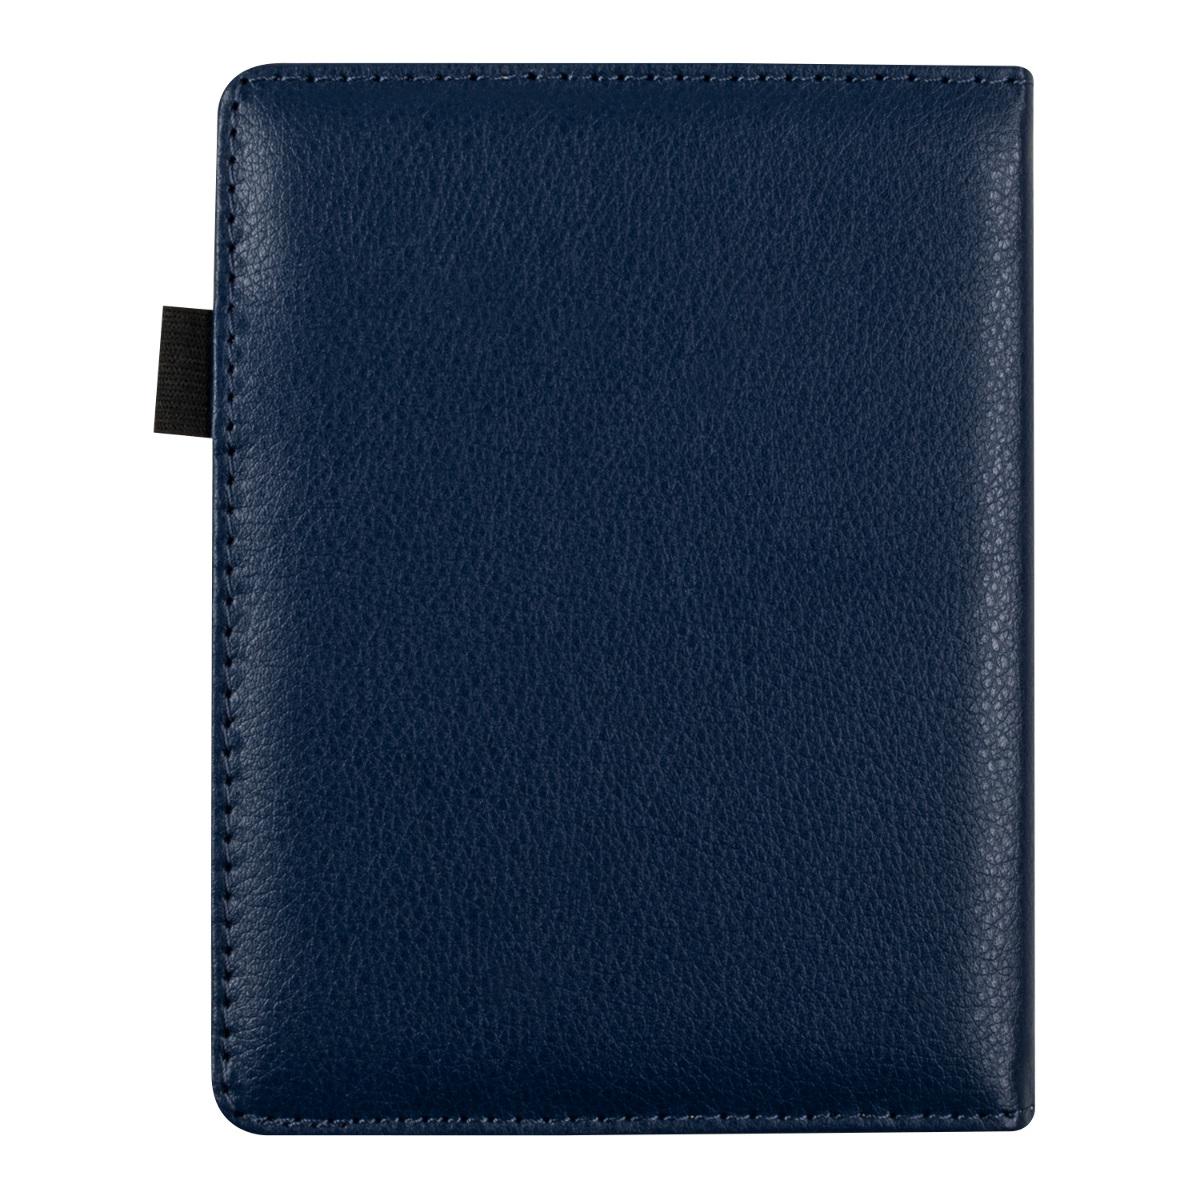 L gant tui en cuir synth tique pour kobo aura bleu fonc for Housse kobo aura